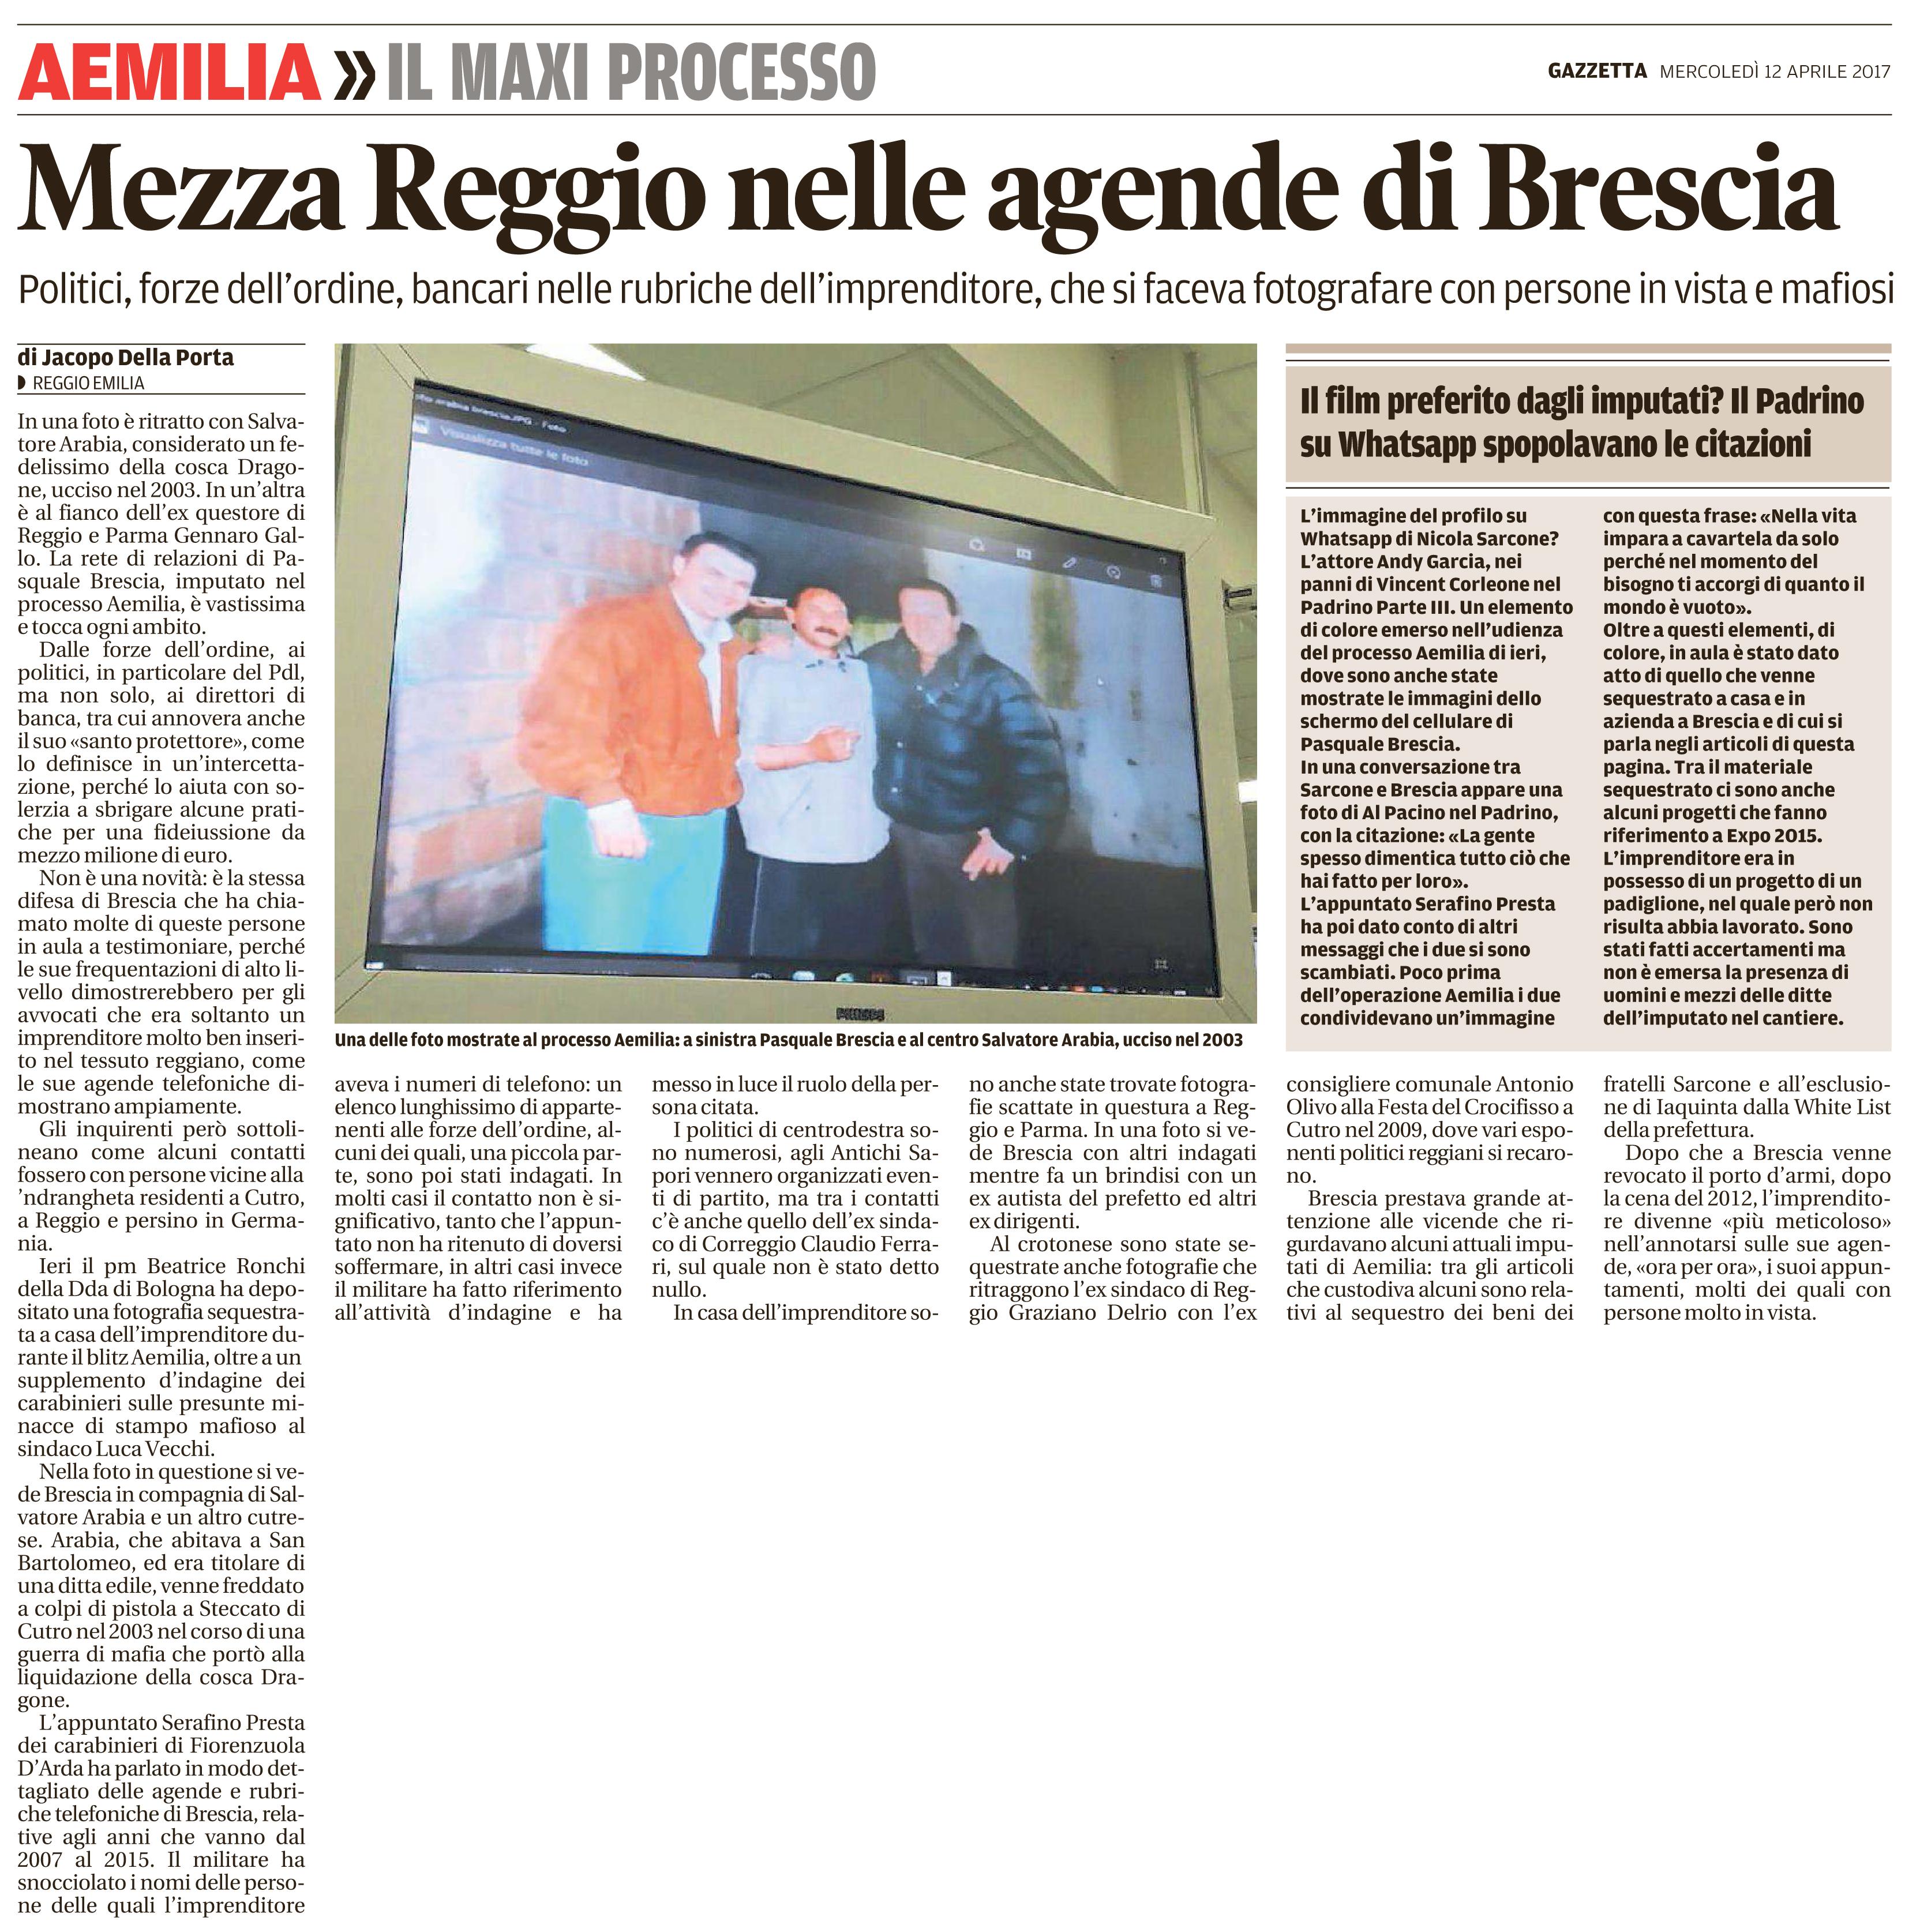 Mezza Reggio nelle agende di Brescia